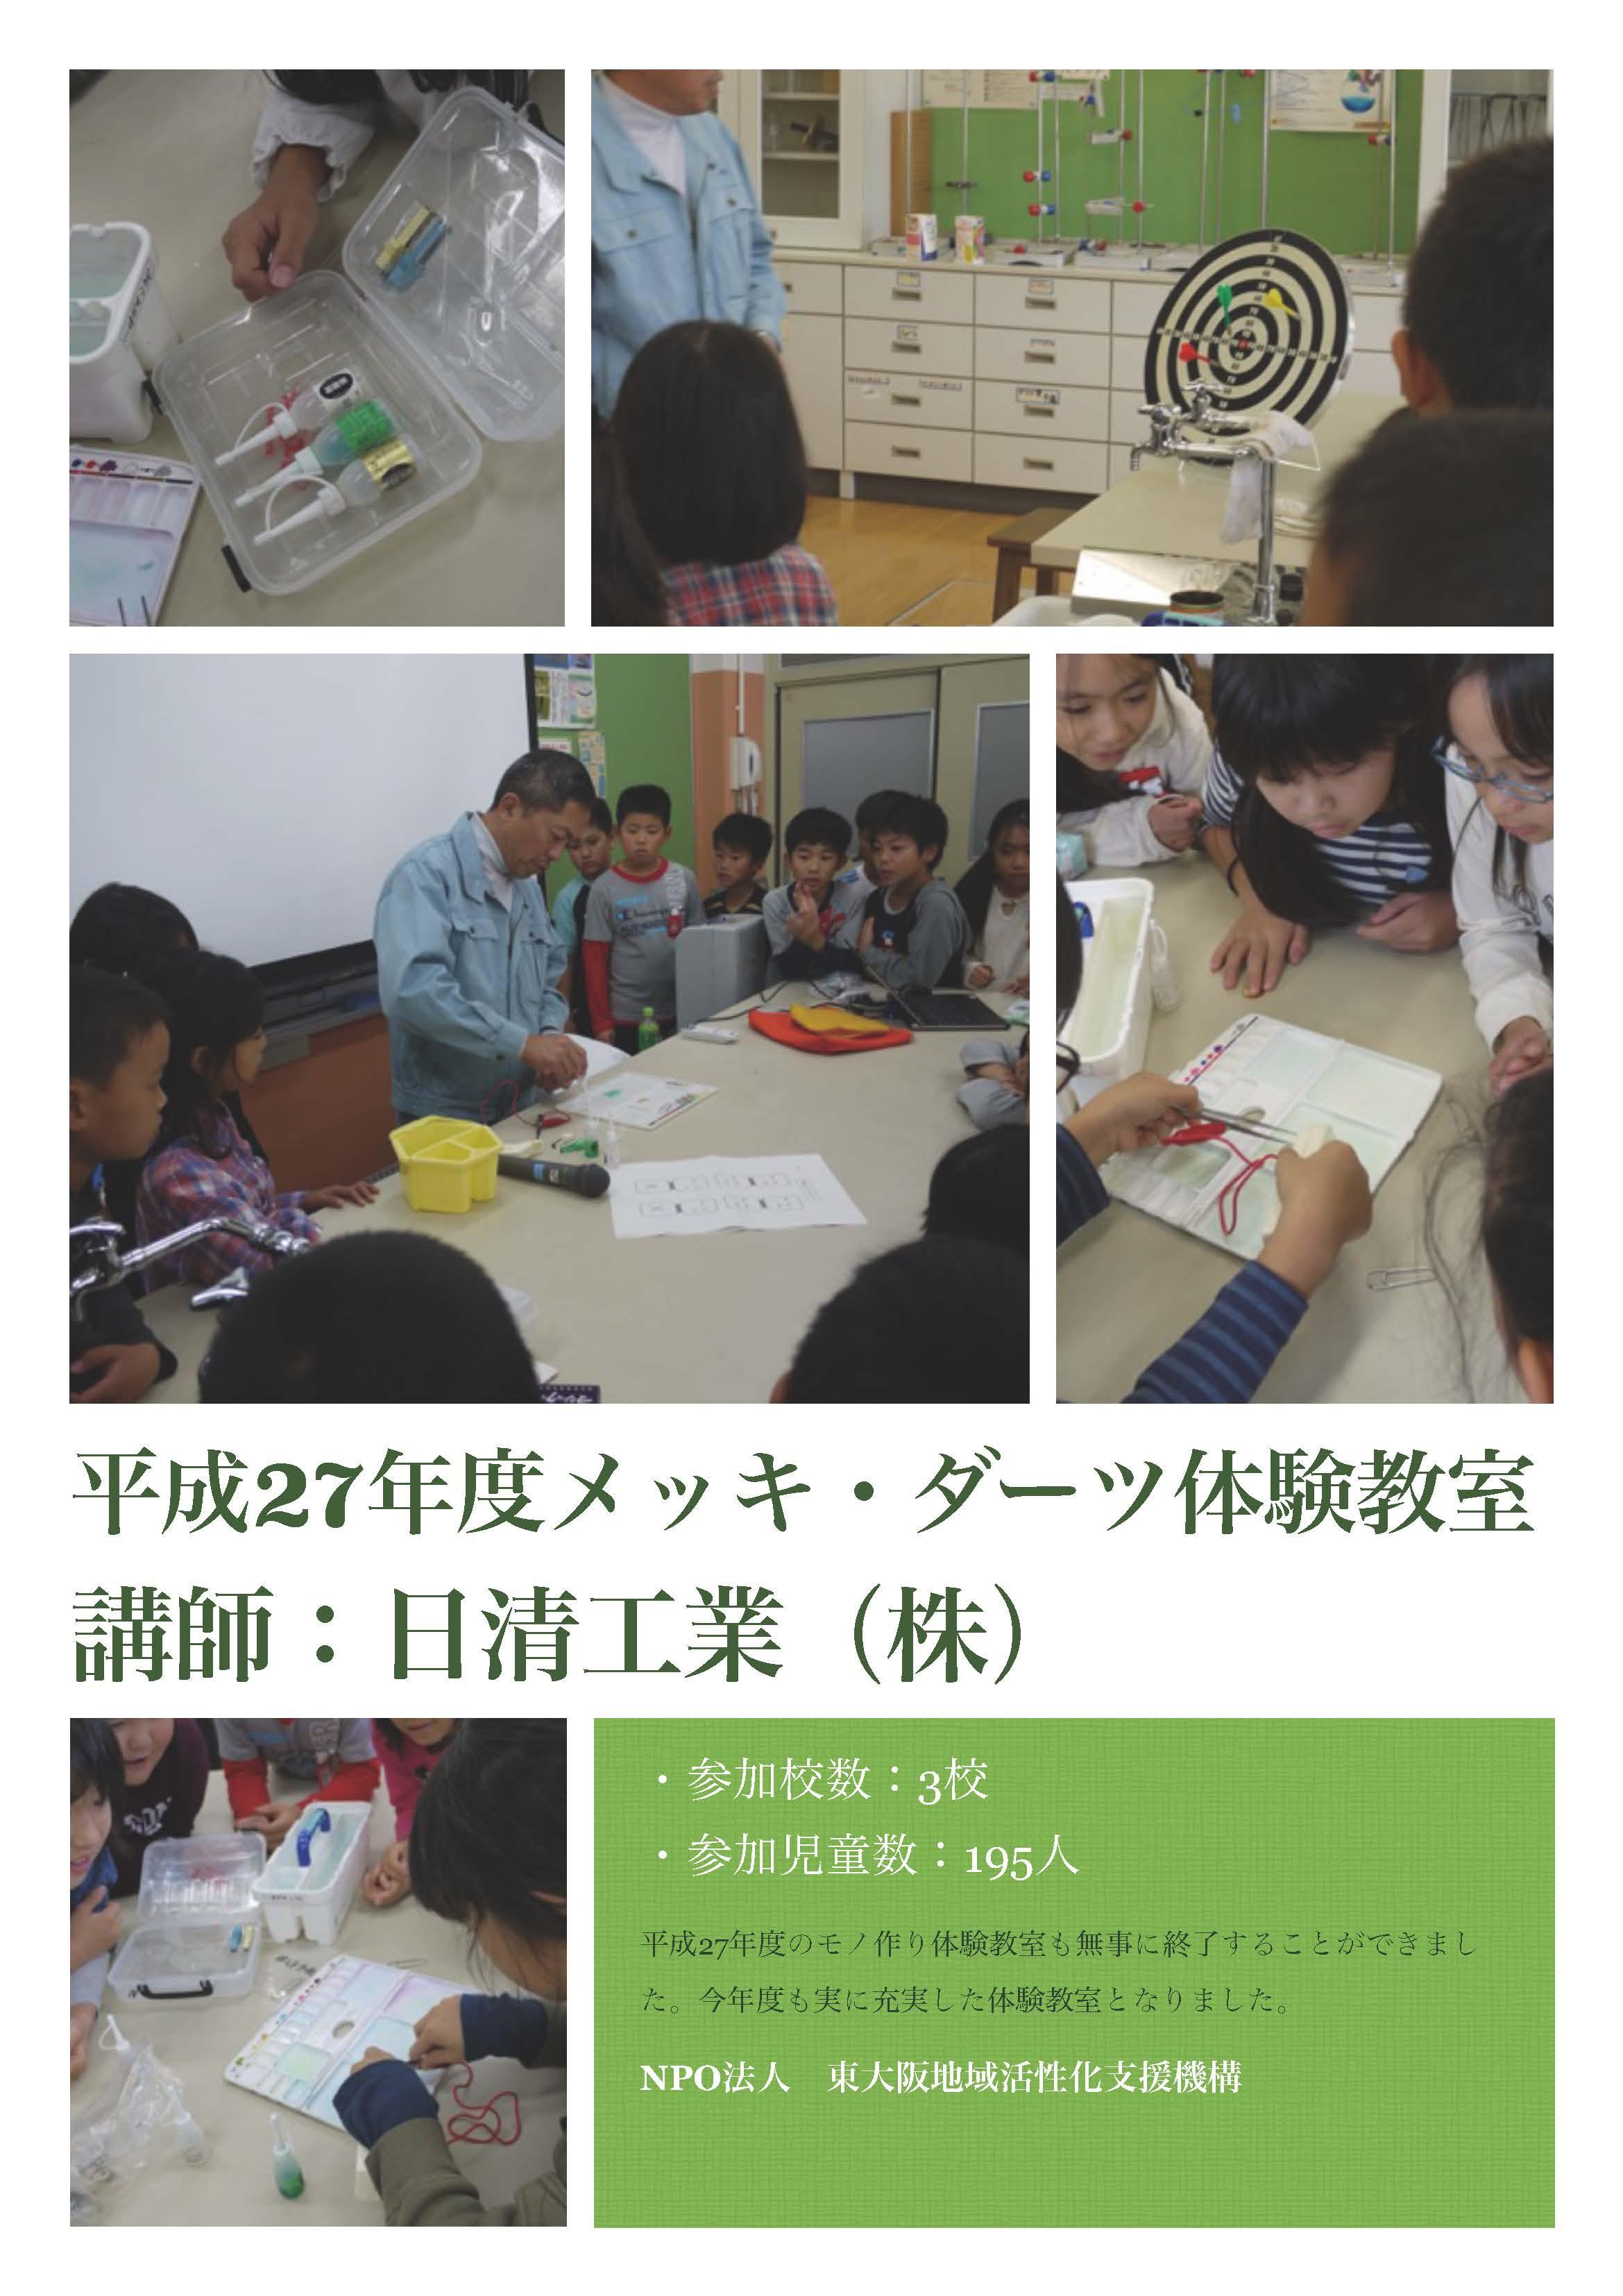 メッキダーツ体験教室報告 by日清工業(株)様